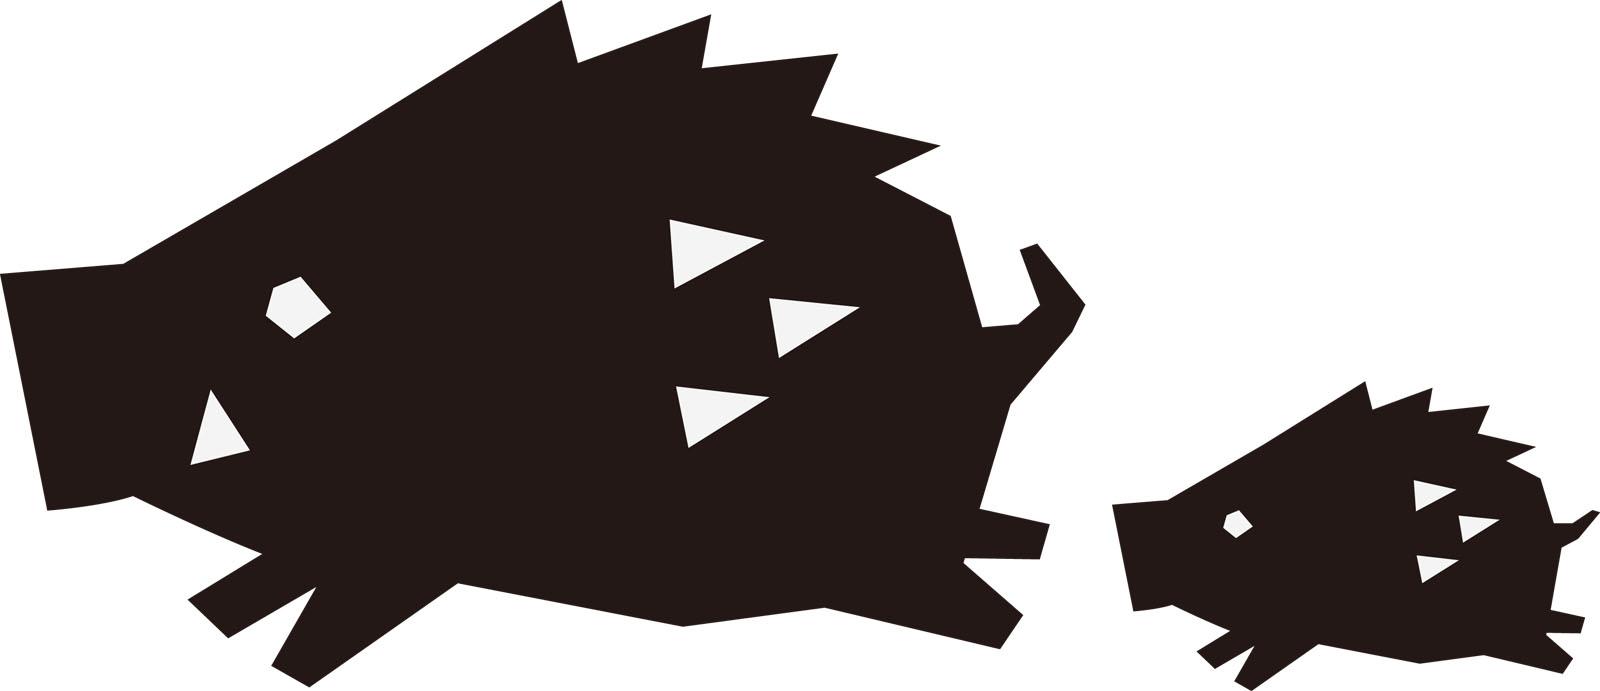 千葉県習志野市・船橋市・千葉市花見川区幕張本郷・幕張、当社買取致します。不動産買取・査定・相談。